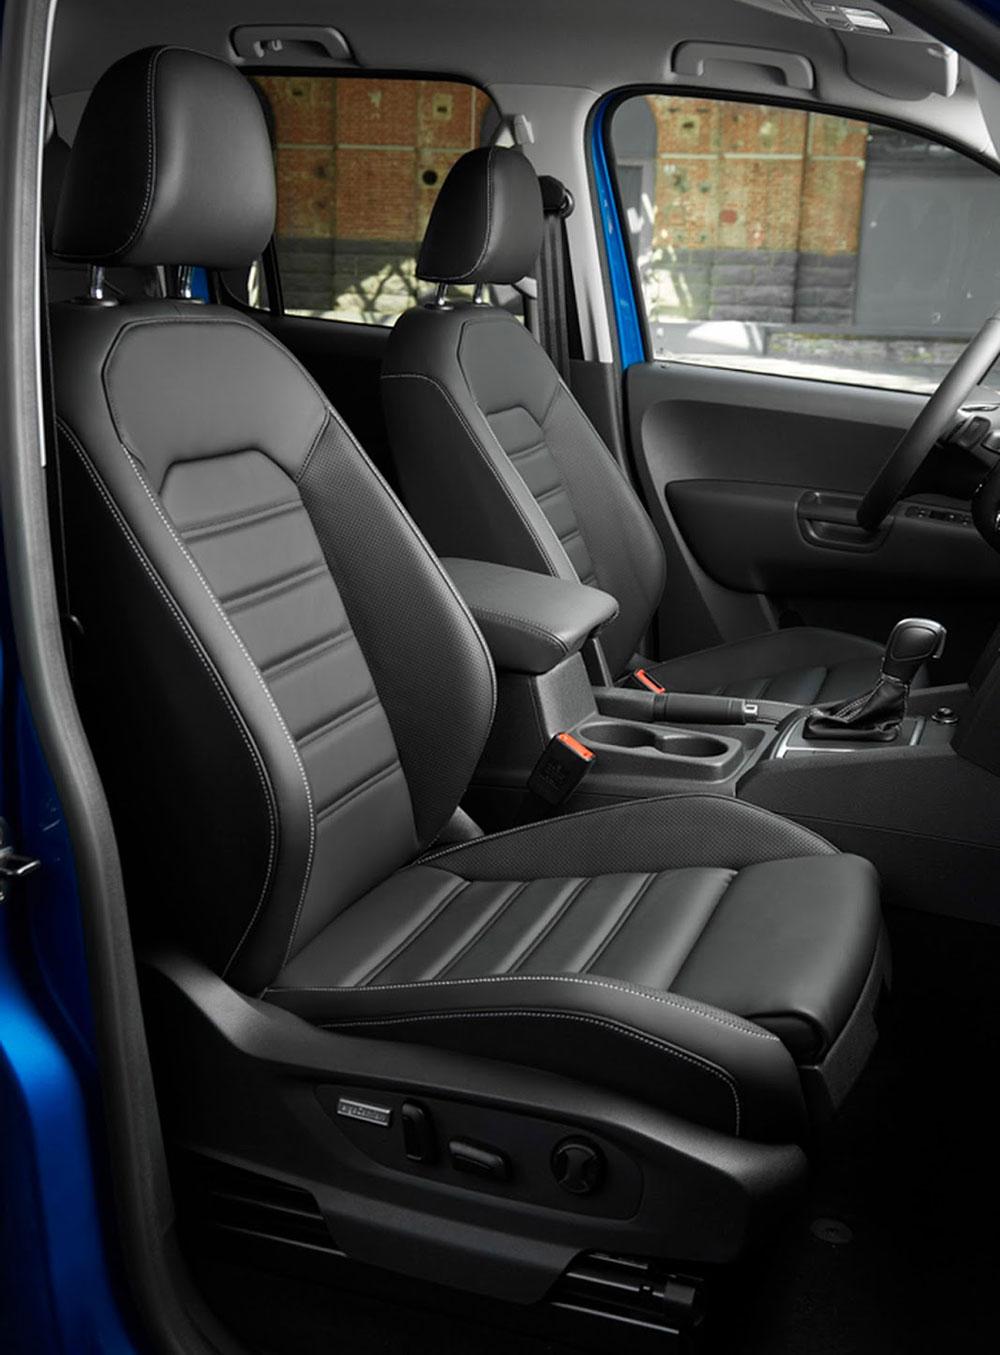 VW-Amarok-FL-04